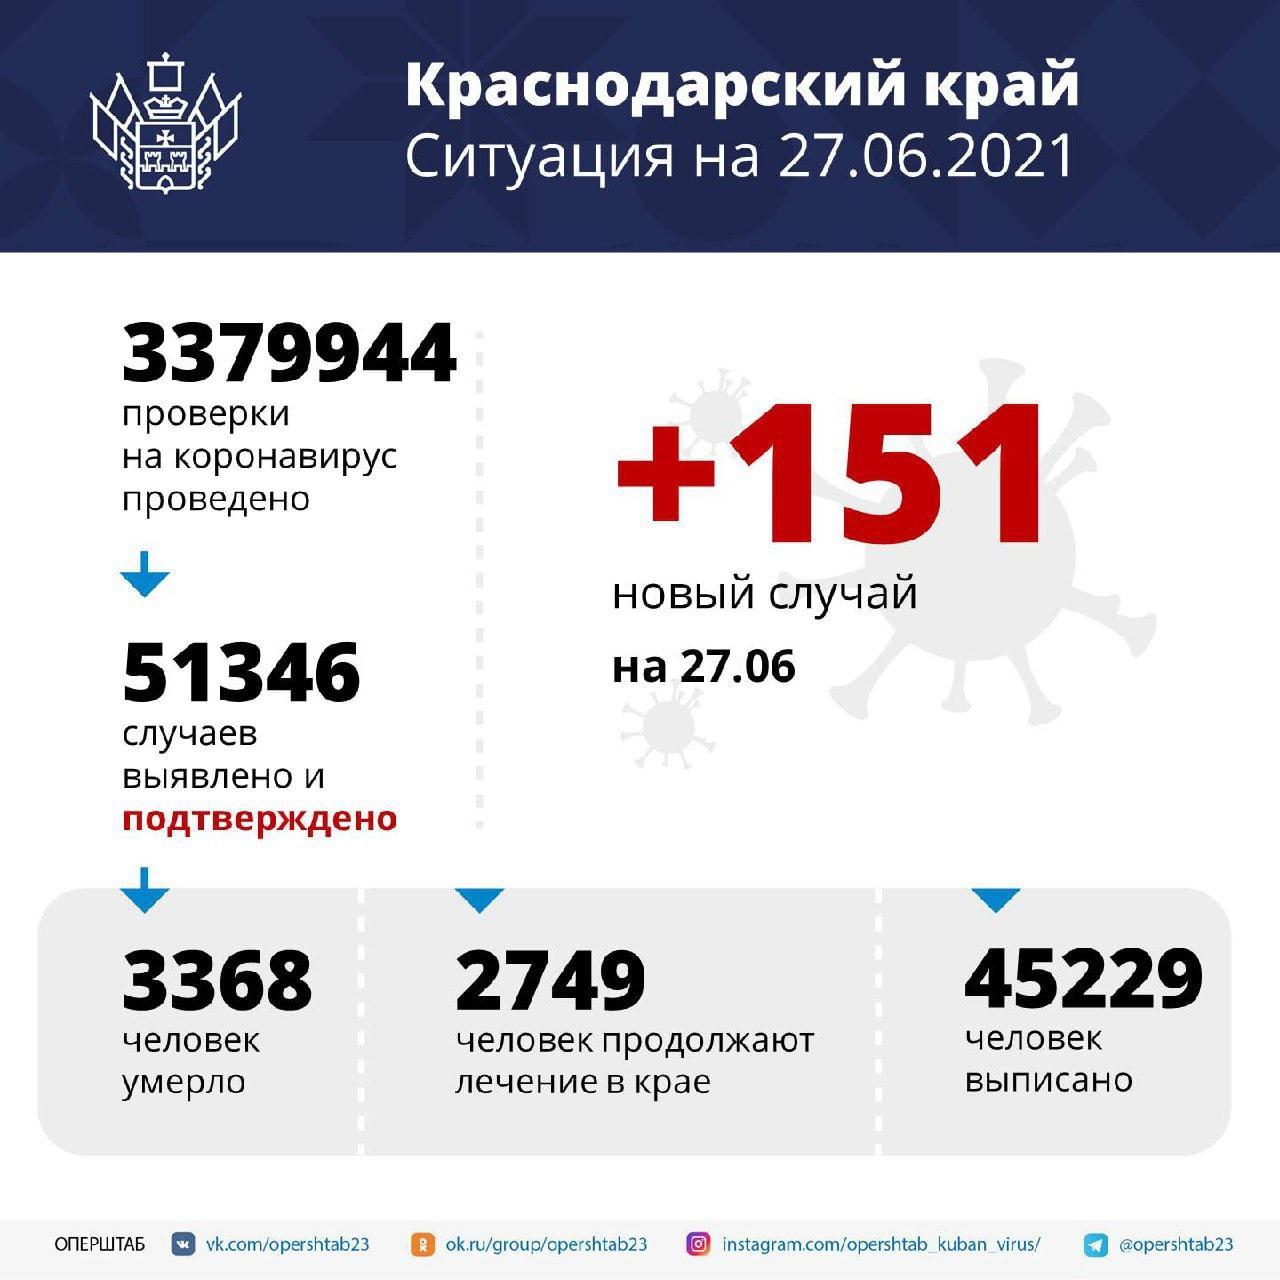 В Краснодарском крае зарегистрировали 151 заболевшего коронавирусомНа территории...